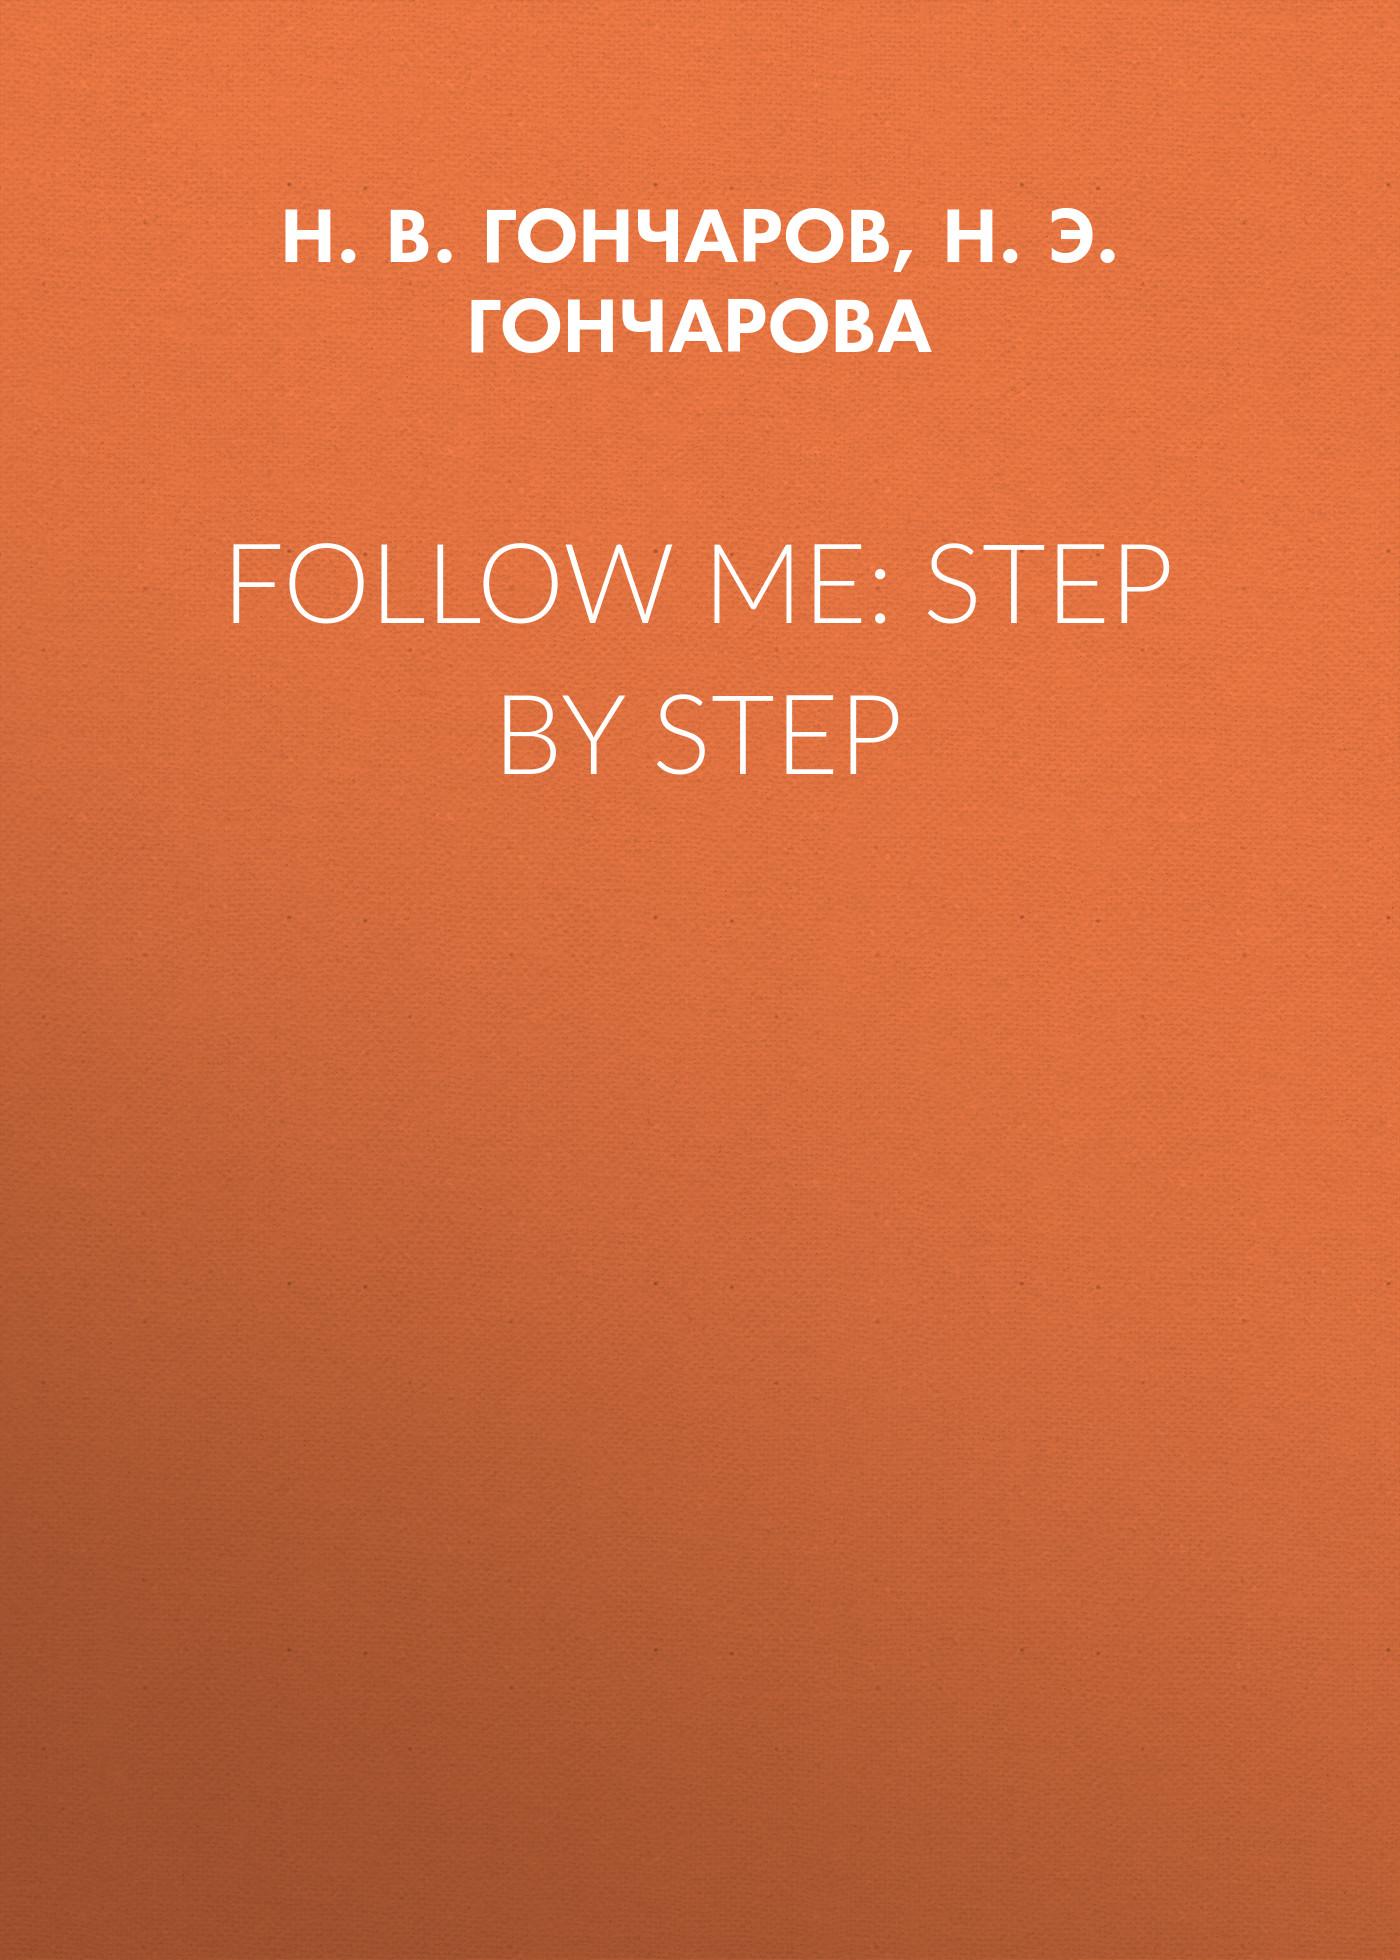 Фото - Н. Э. Н. Гончарова Follow Me: Step by Step и н сухих структура и смысл теория литературы для всех